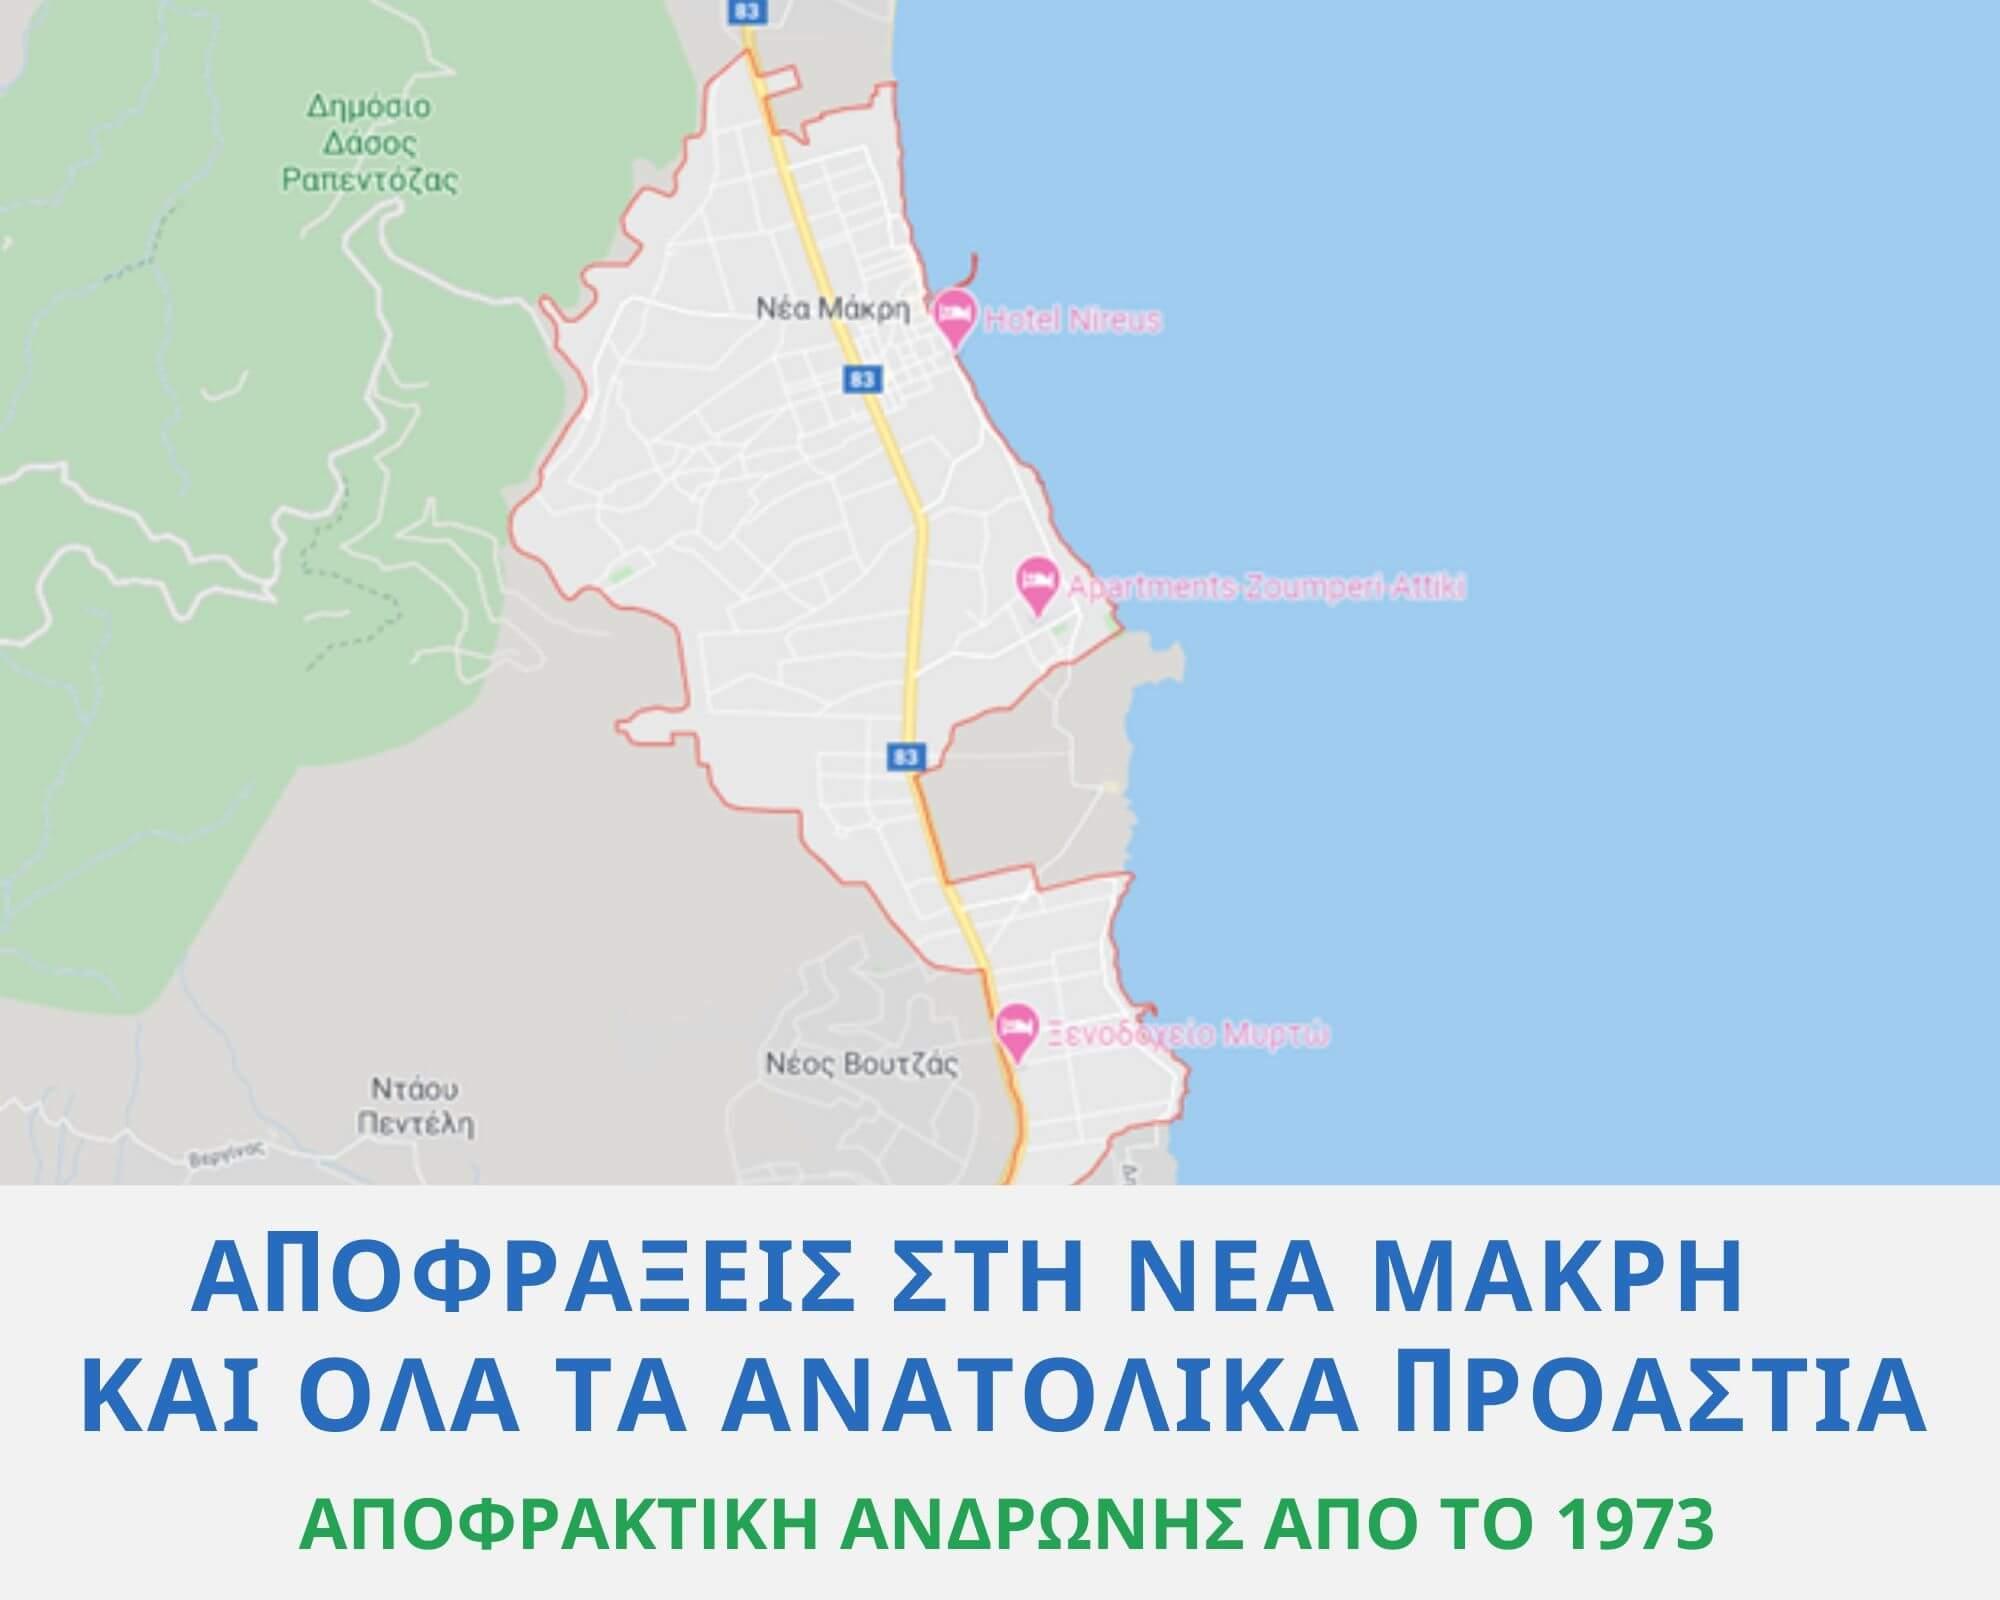 Αποφράξεις Νέα Μάκρη - 213.02.50.818 - Αποφράξεις Αθήνα